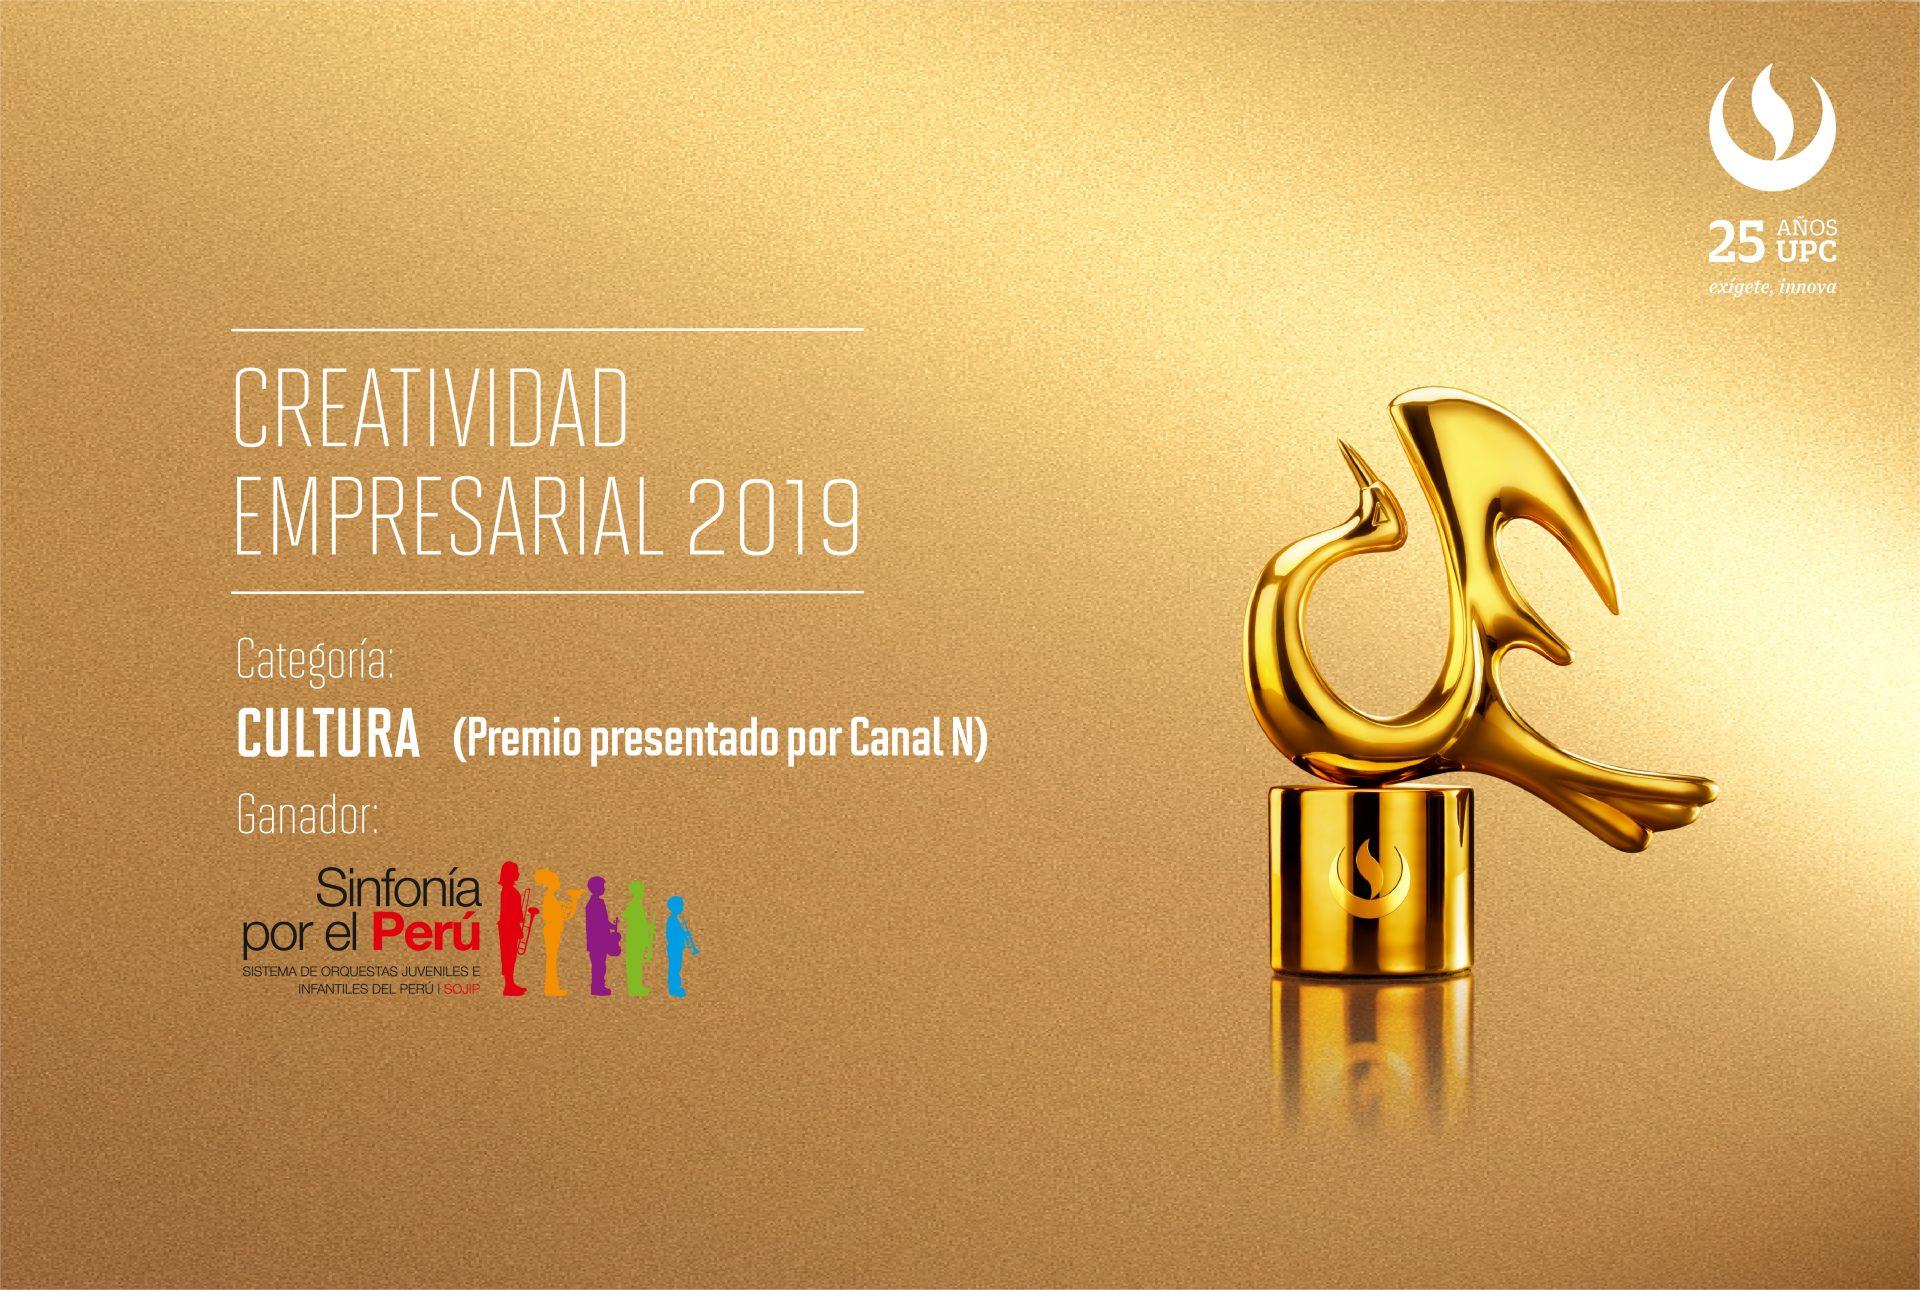 Creatividad Empresarial 2019: Sinfonía por el Perú ocupó el primer lugar en la categoría Cultura